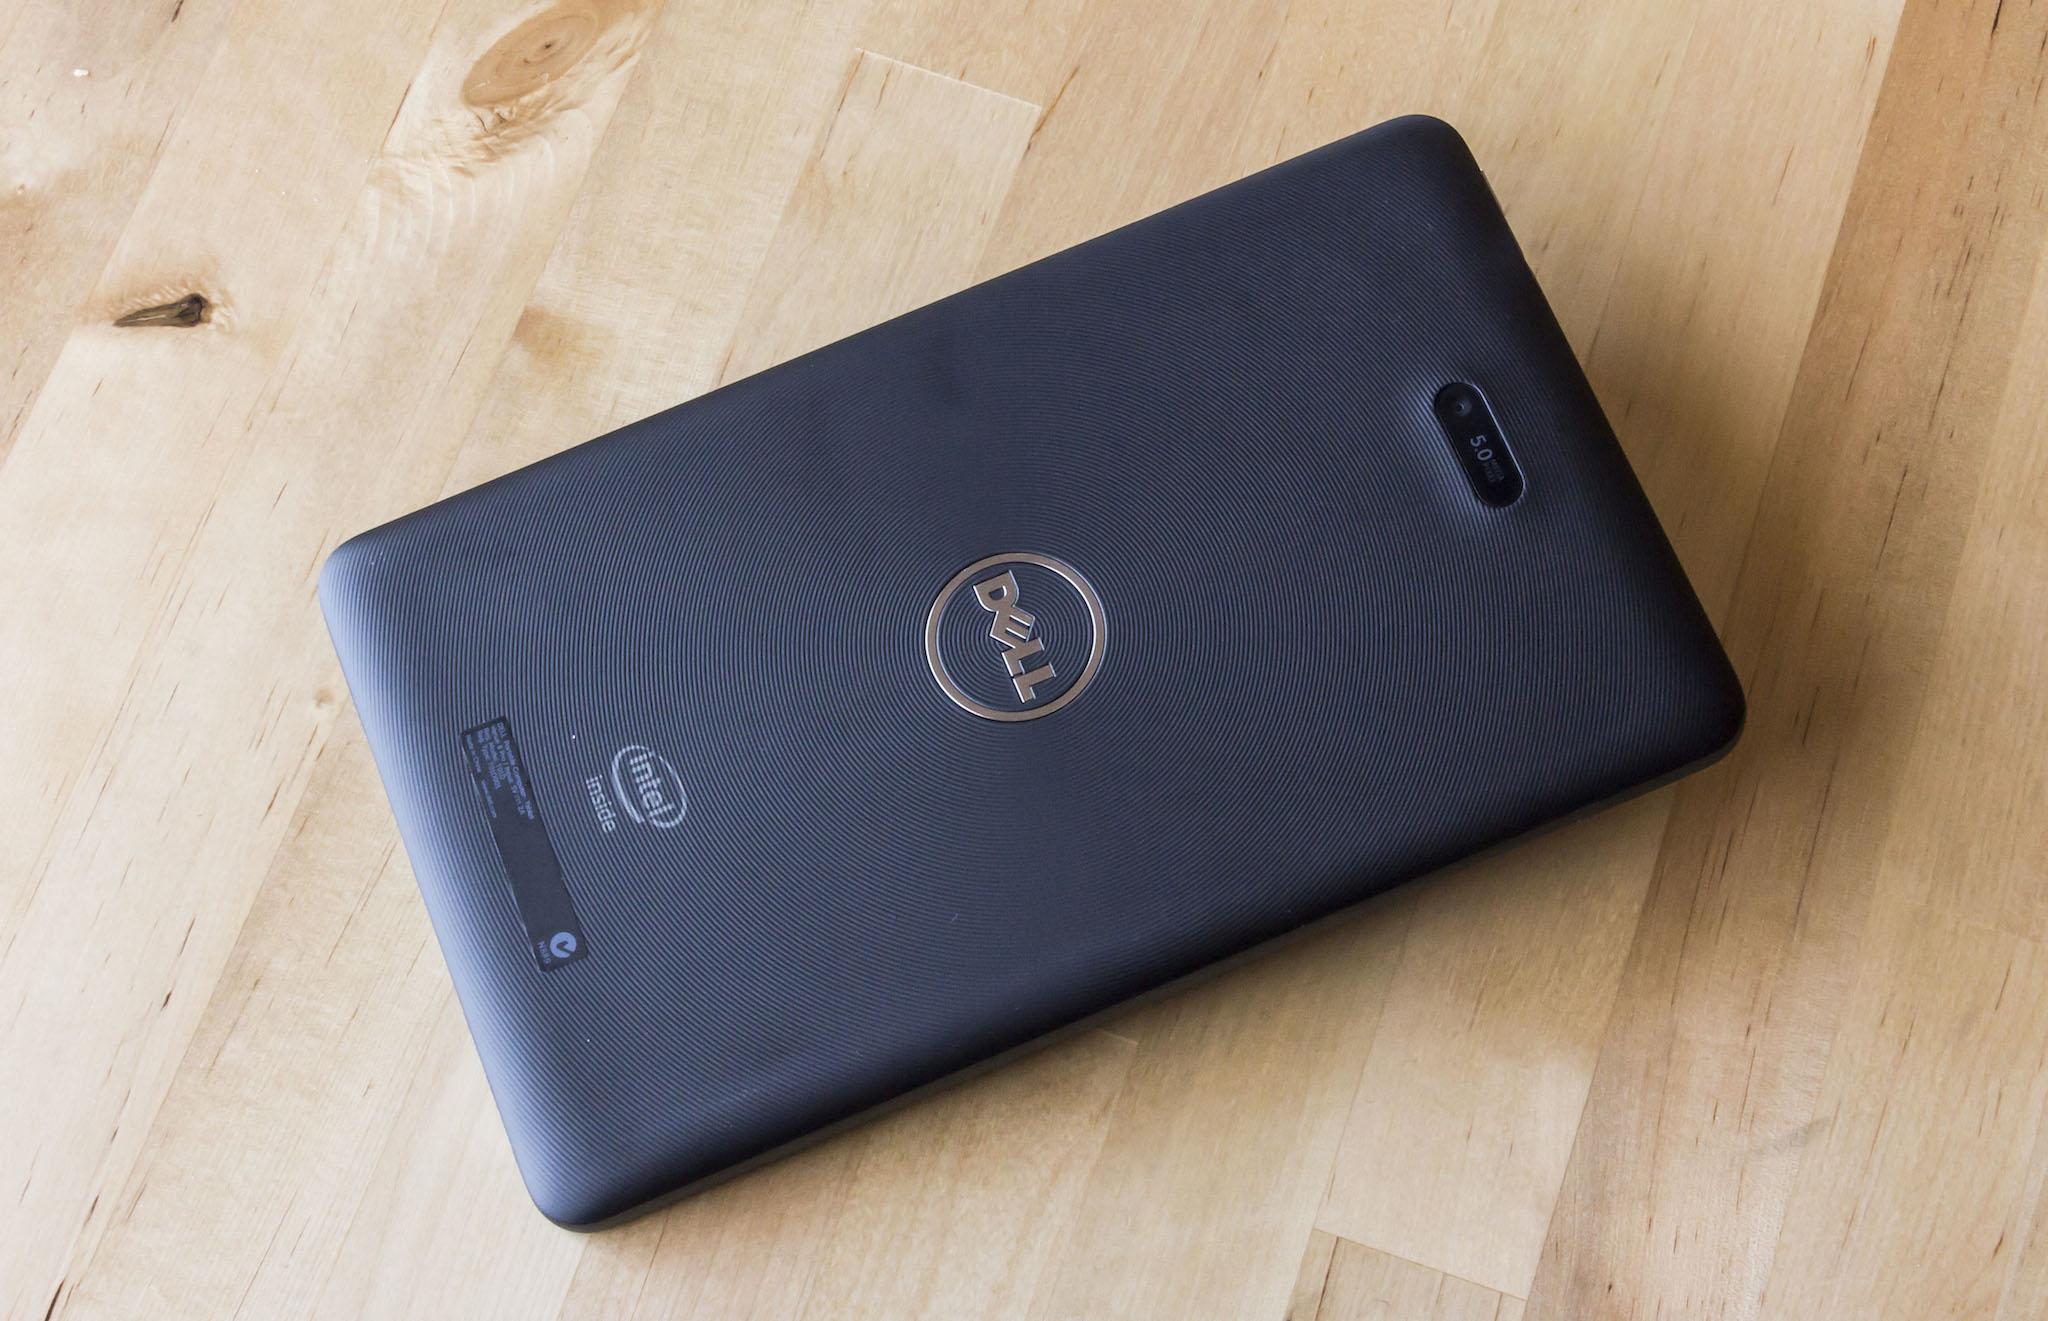 Dell Venue 8 Pro Review: Small Size, Full Windows